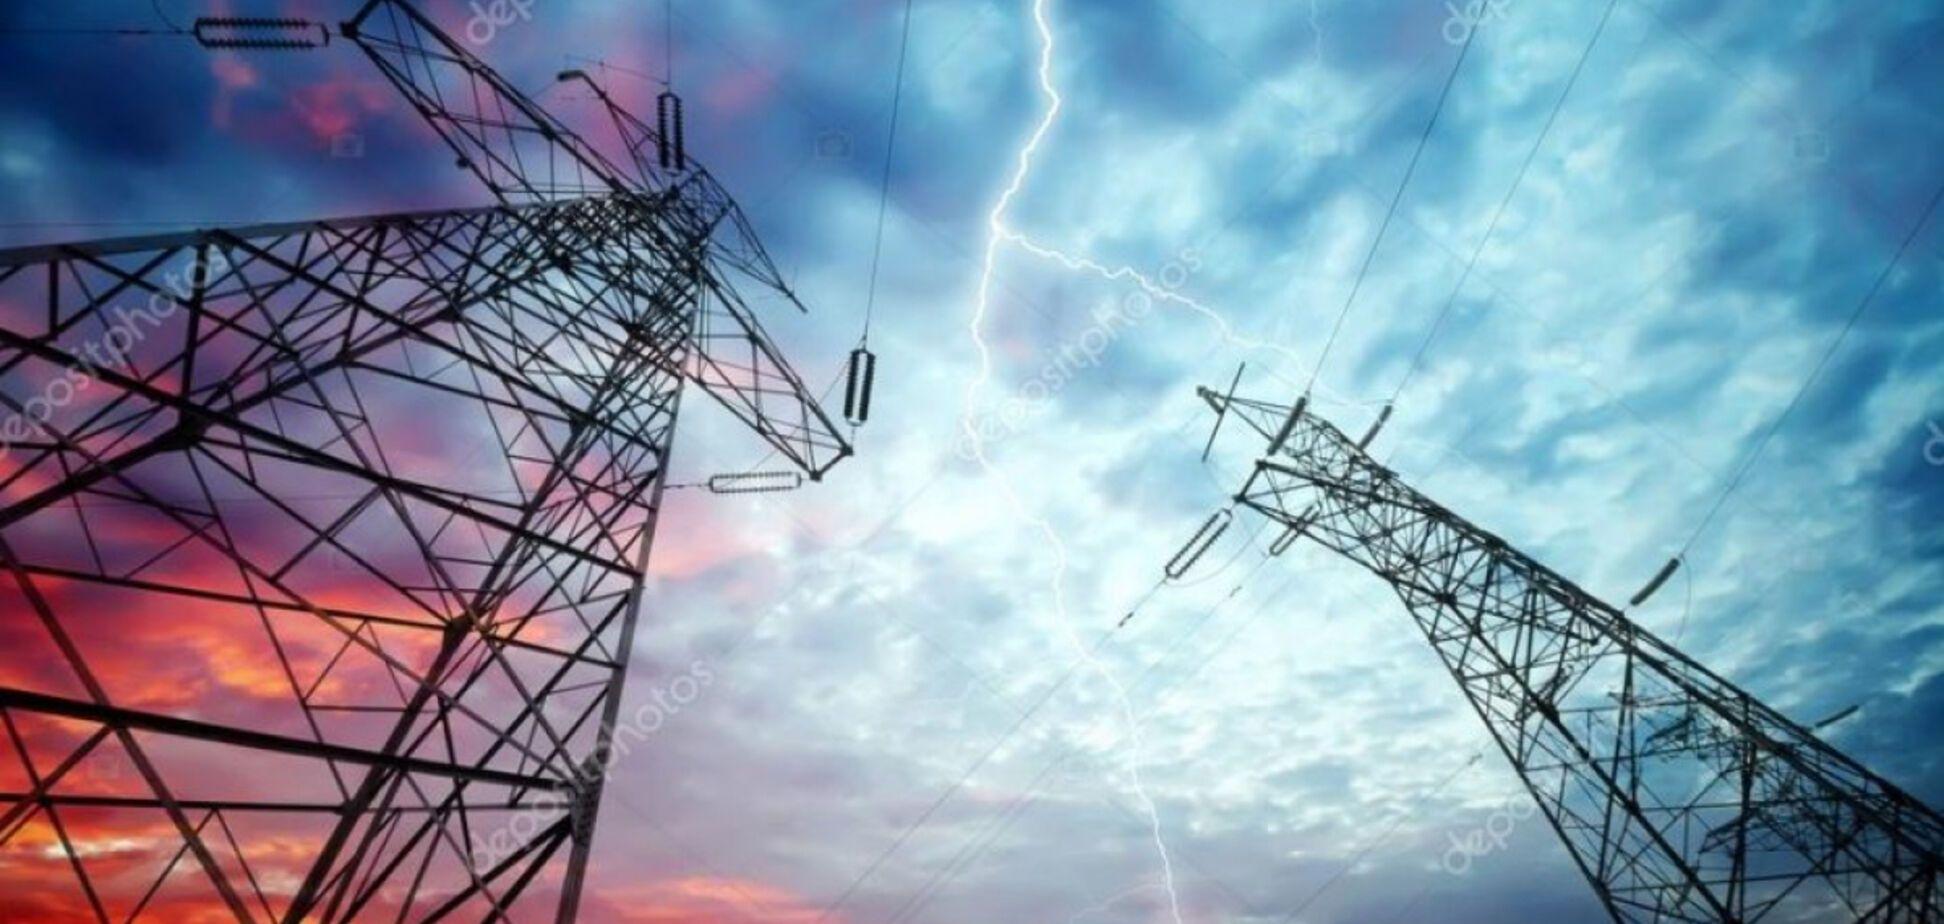 Промышленники попросили НКРЭКУ не повышать тариф на передачу электроэнергии из-за 'катастрофических последствий'